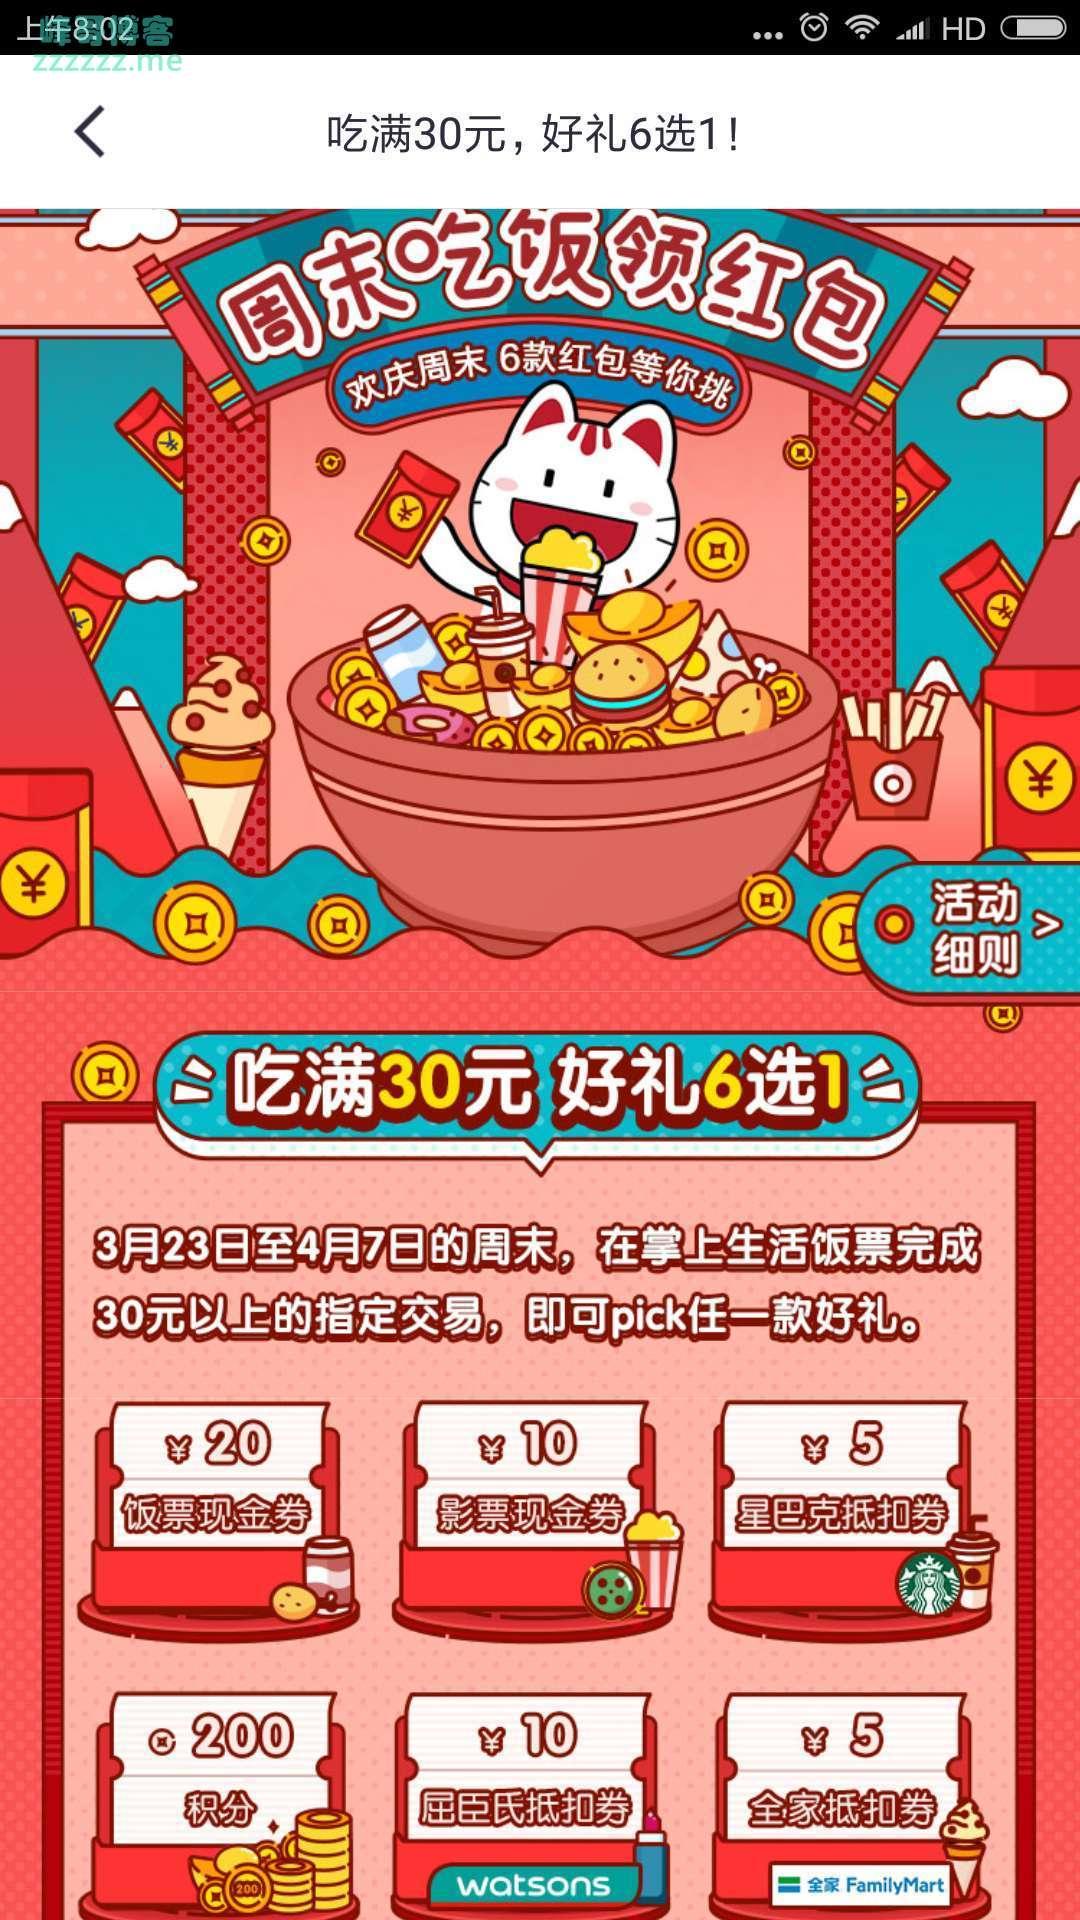 <掌上生活>周末吃饭领红包(截至4月7日)